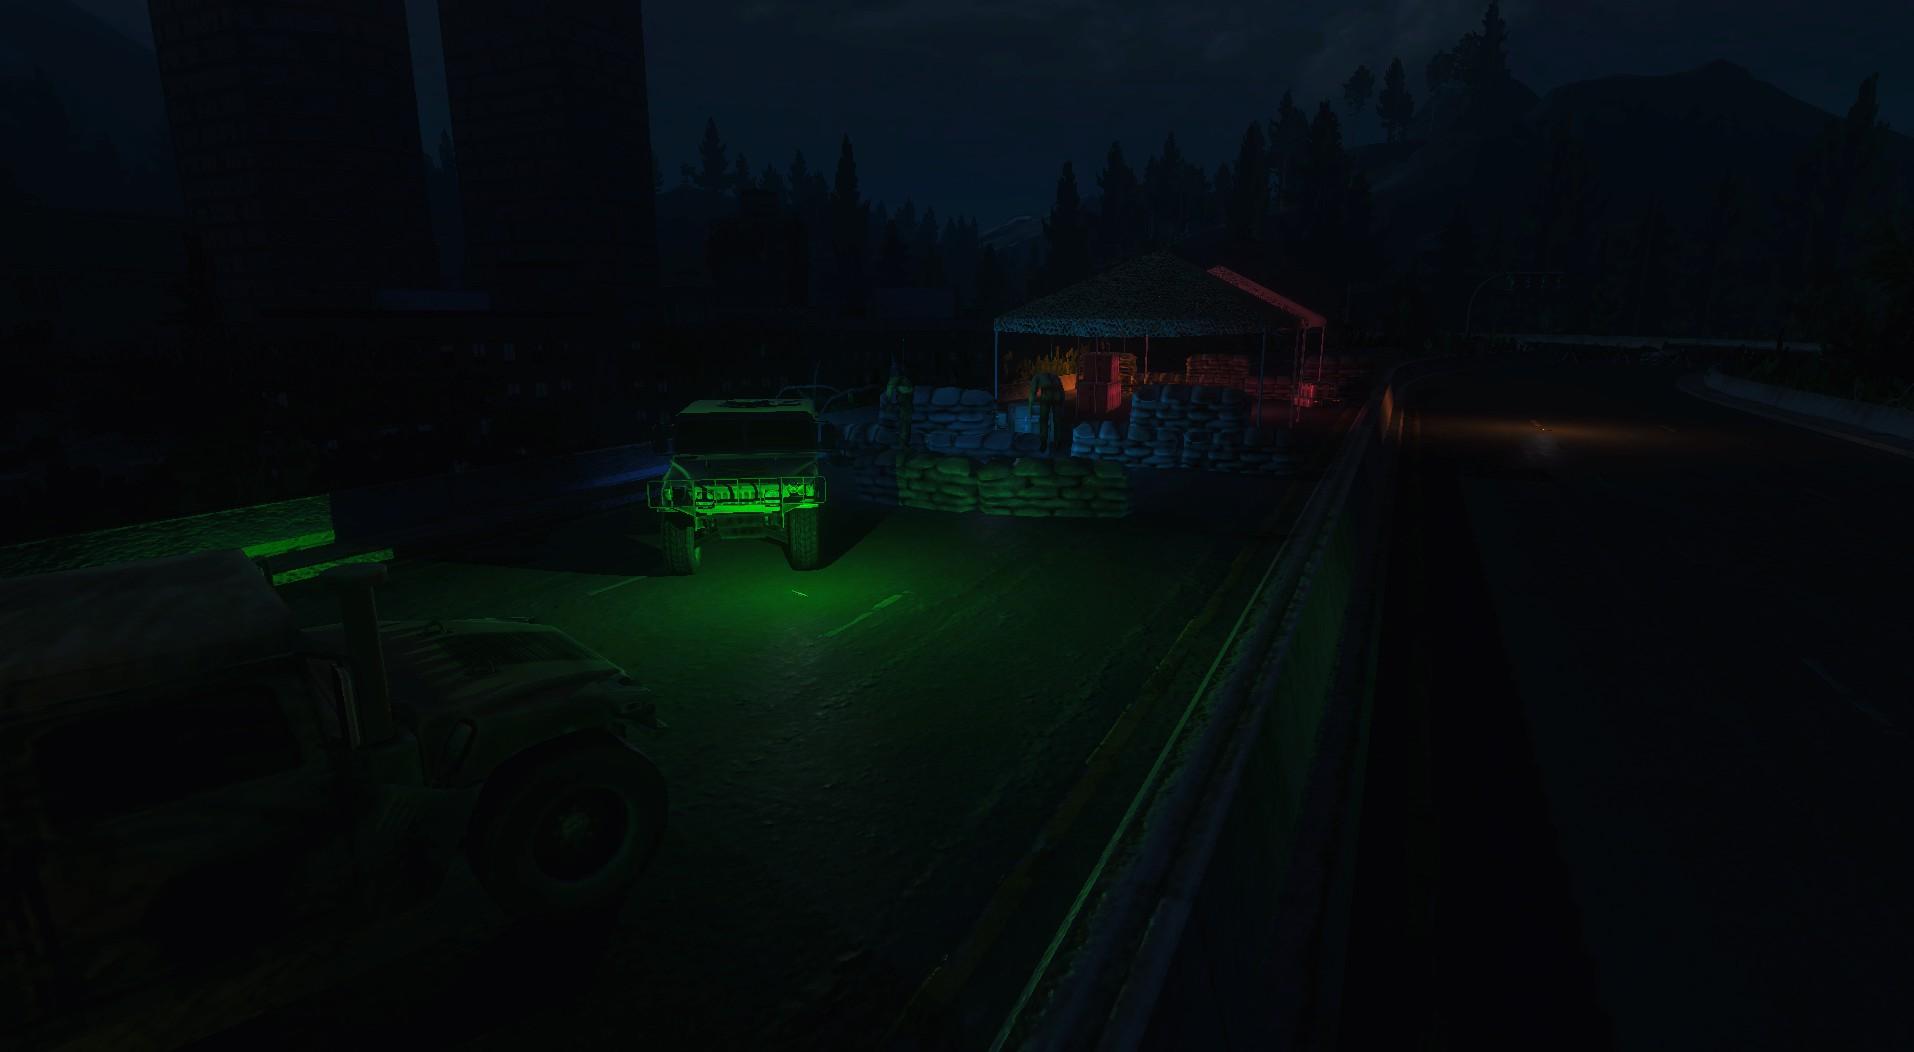 Oswietlenie kolejnego miasta